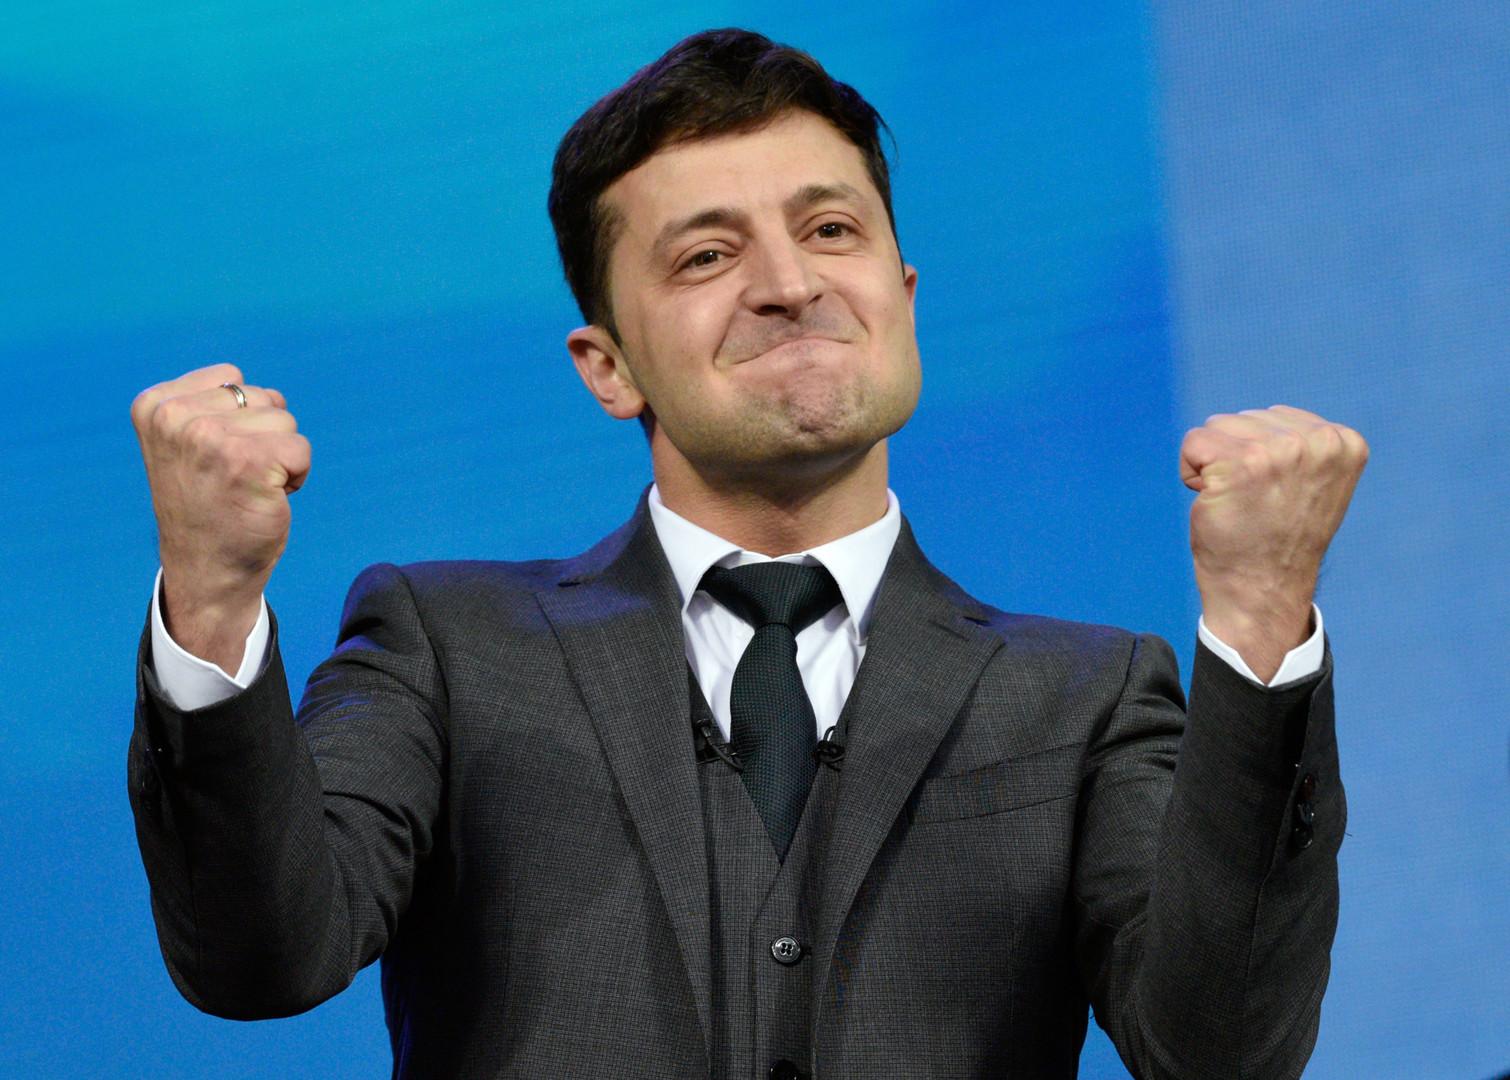 زيلينسكي: بوروشينكو اتصل بي وهنأني بالفوز في انتخابات الرئاسة الأوكرانية